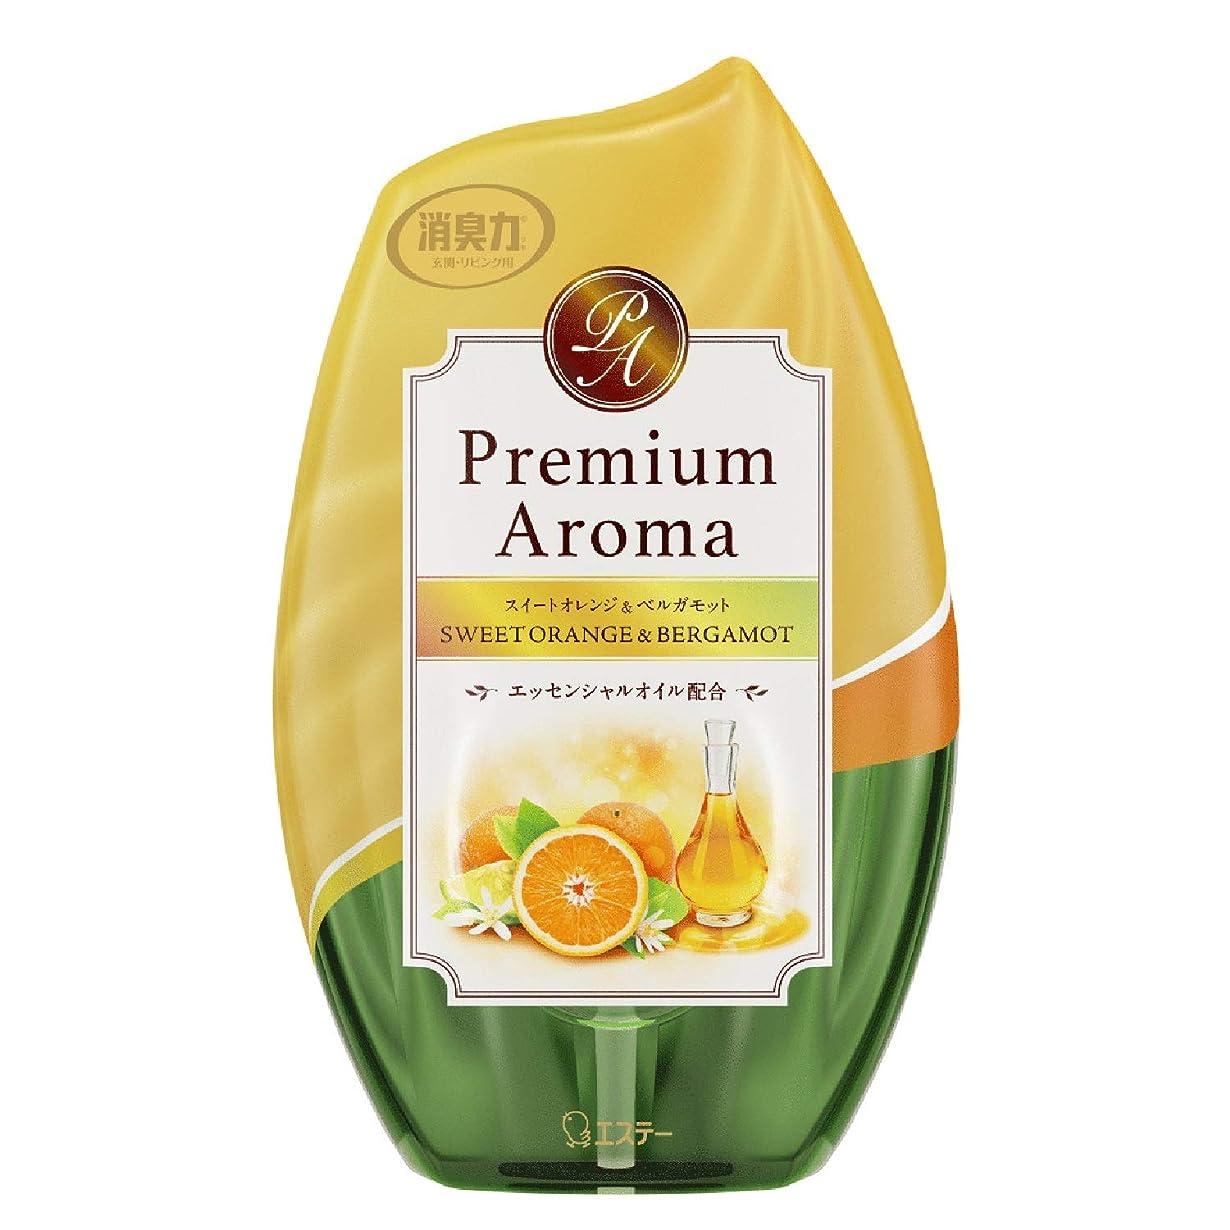 ポットランプ九お部屋の消臭力 プレミアムアロマ Premium Aroma 消臭芳香剤 部屋用 部屋 スイートオレンジ&ベルガモットの香り 400ml